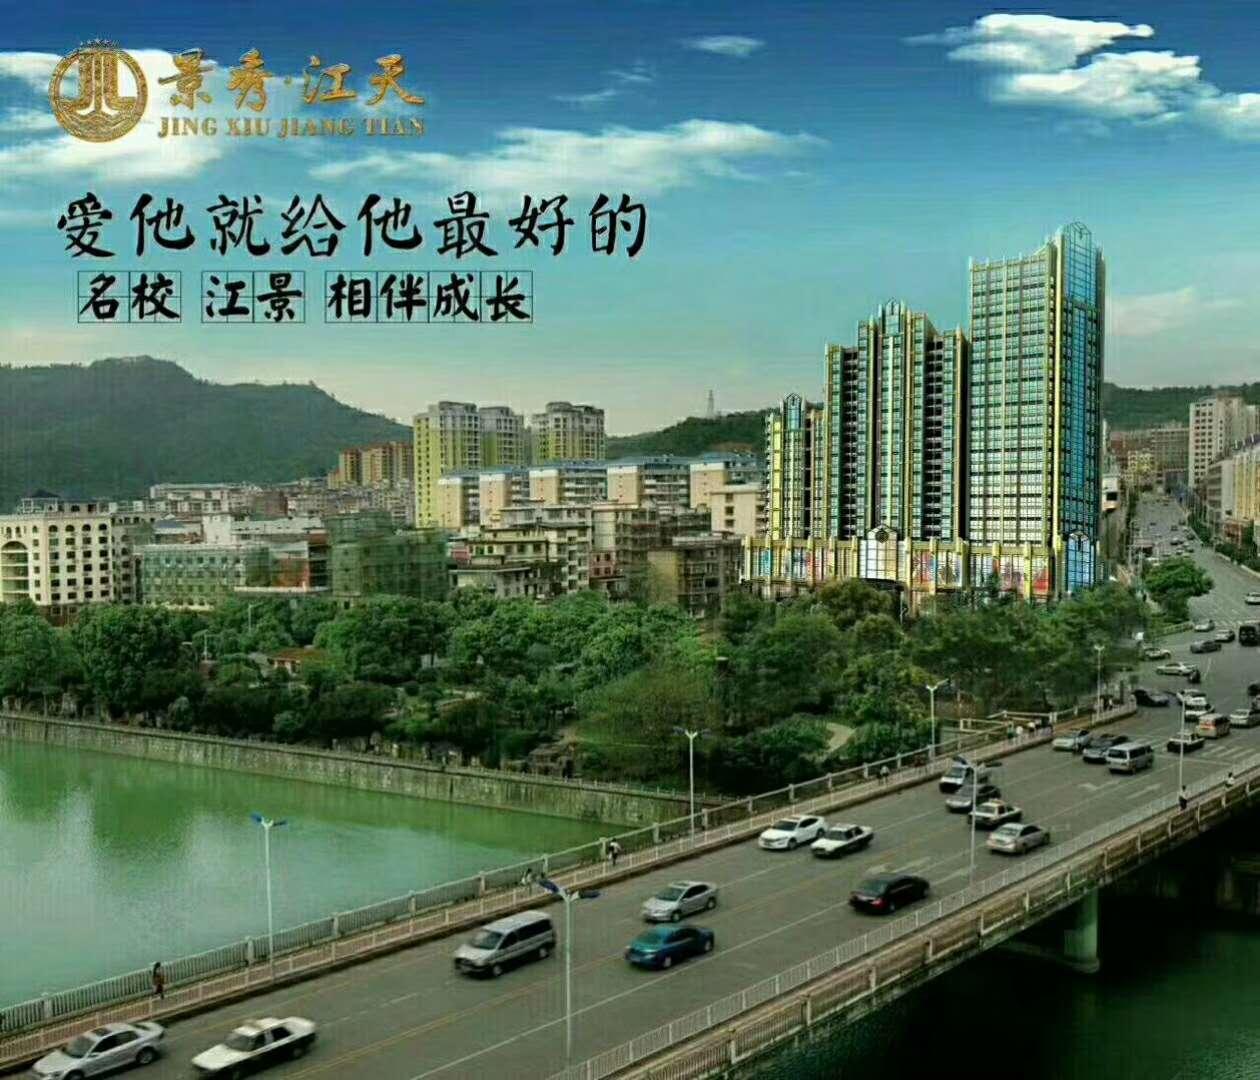 市中心 准现房 5600元/平米起 景秀江天抢房大战开始!